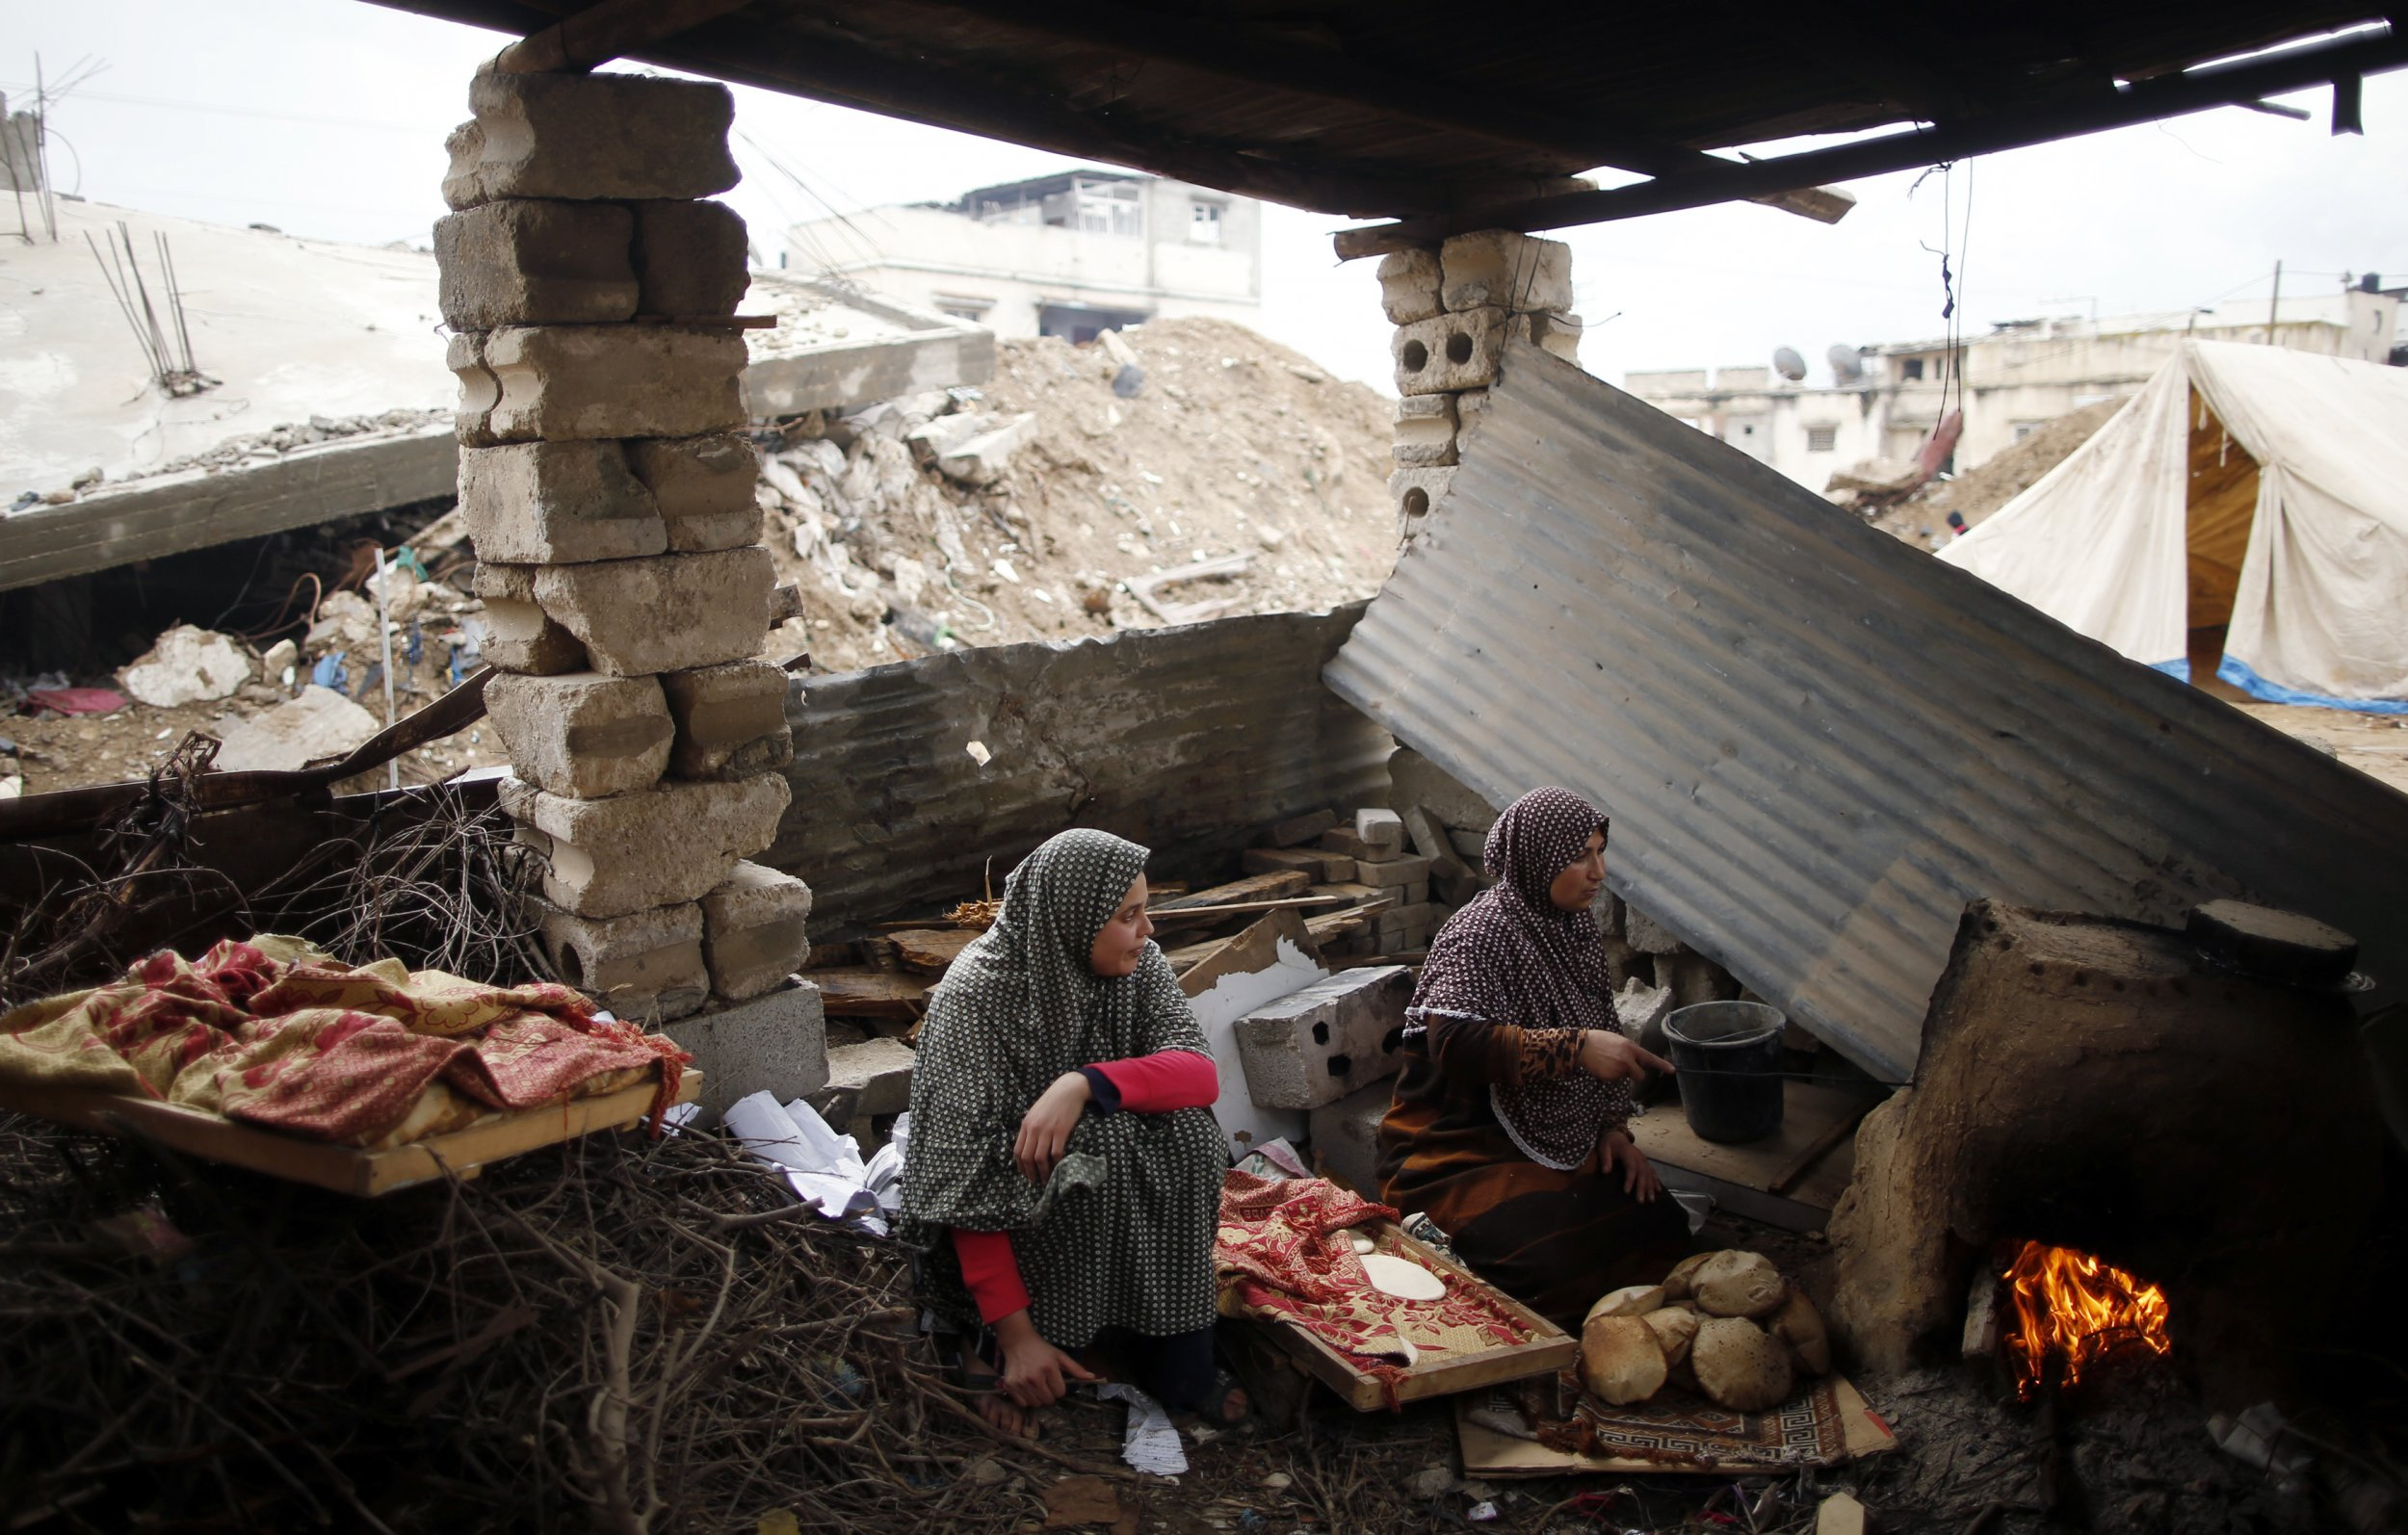 2015-02-26T150210Z_1_LYNXMPEB1P0MK_RTROPTP_4_PALESTINIANS-GAZA-HOMES